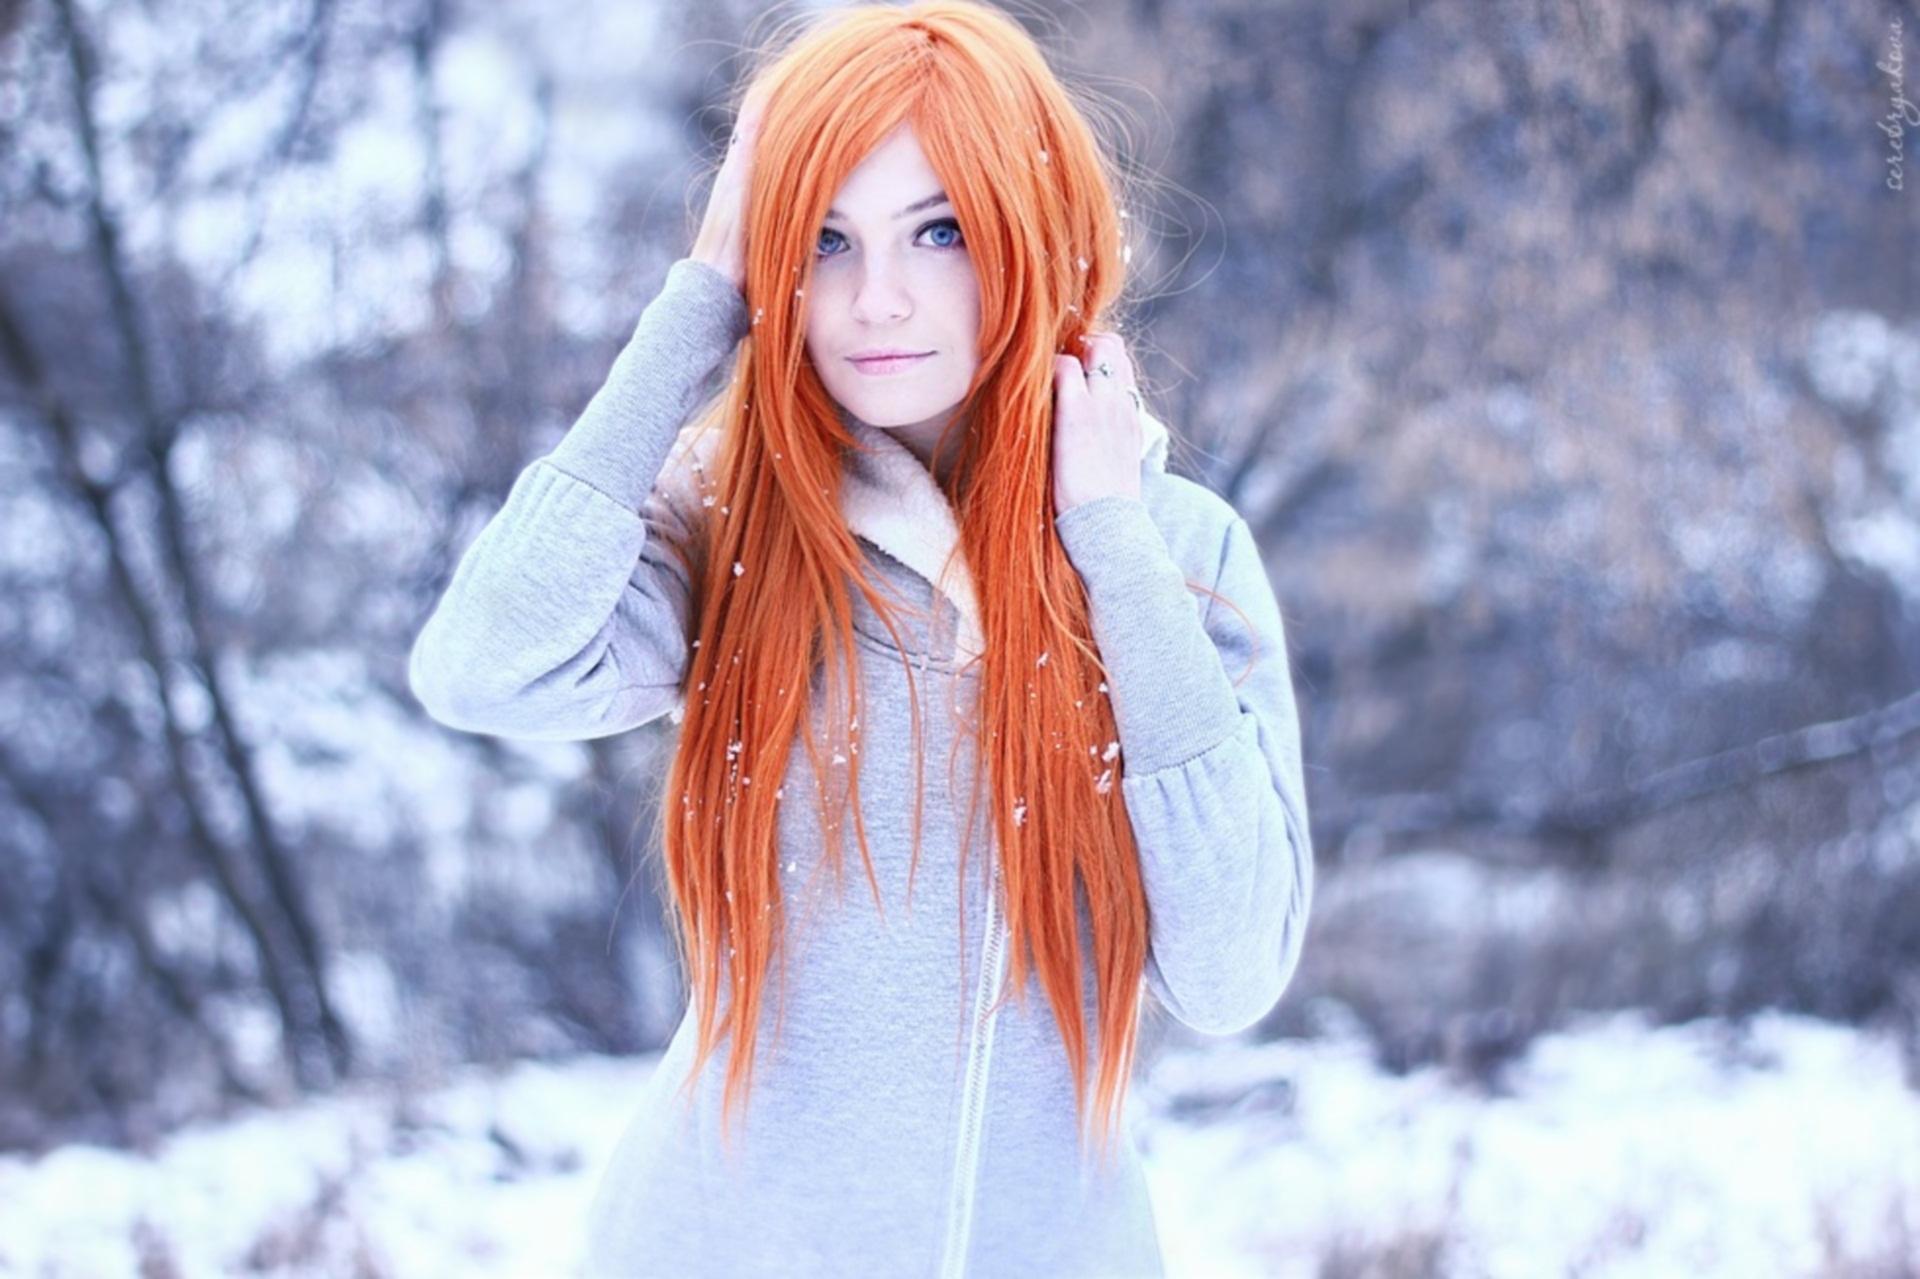 Фото одной девушки с рыжими волосами